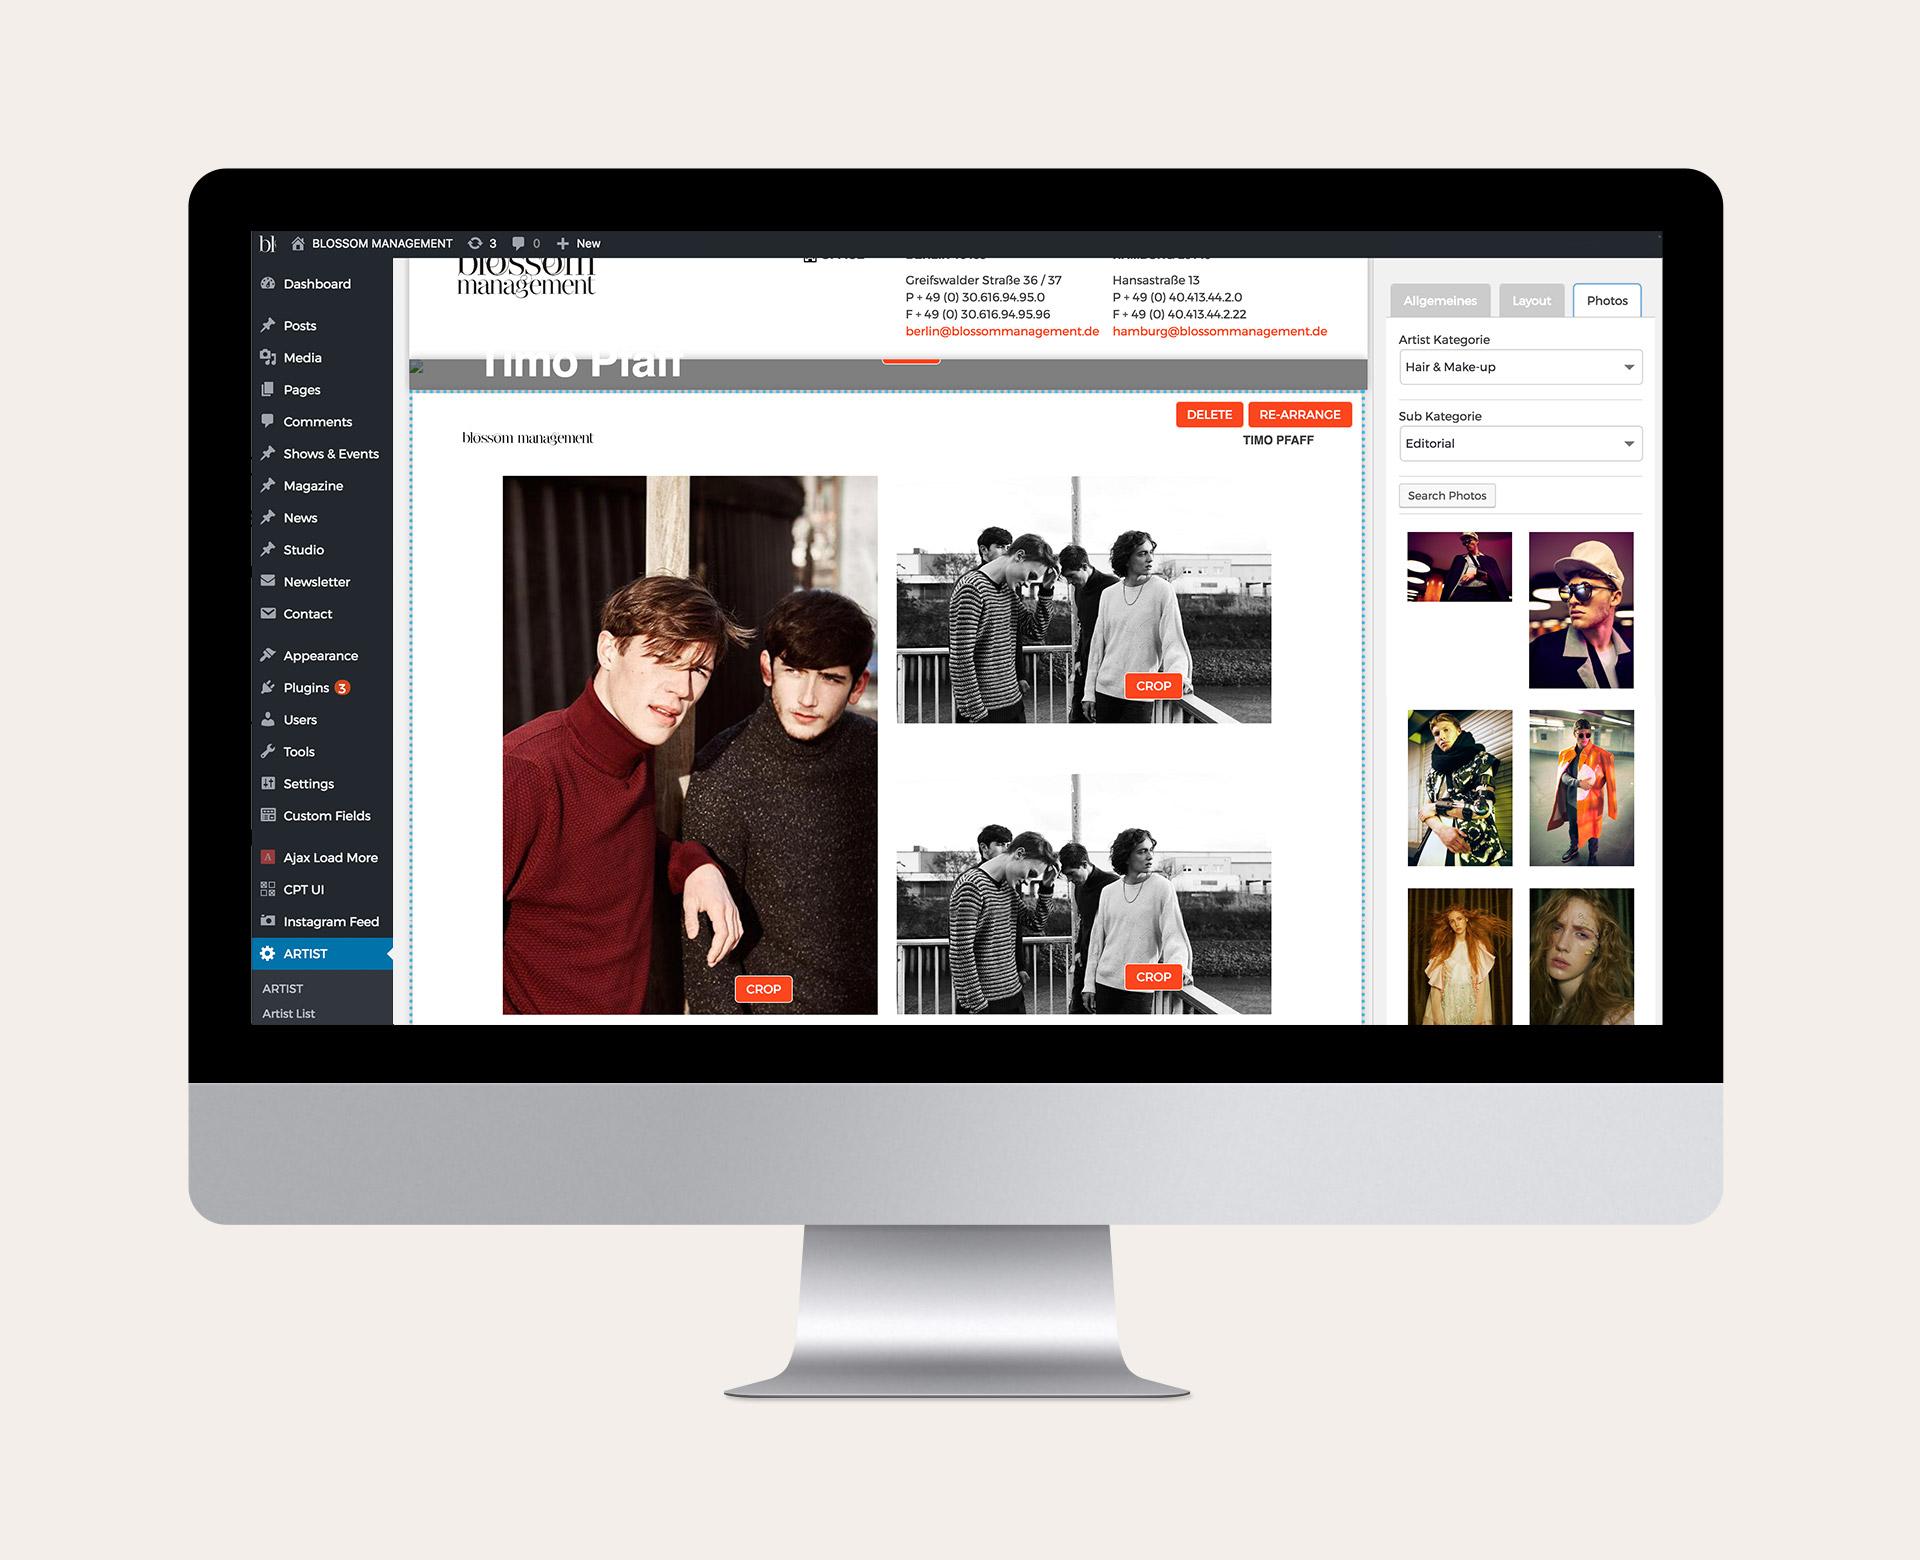 Ansicht in Aktion des PDF-Generator im Wordpress Backend nach dem Website-Relaunch